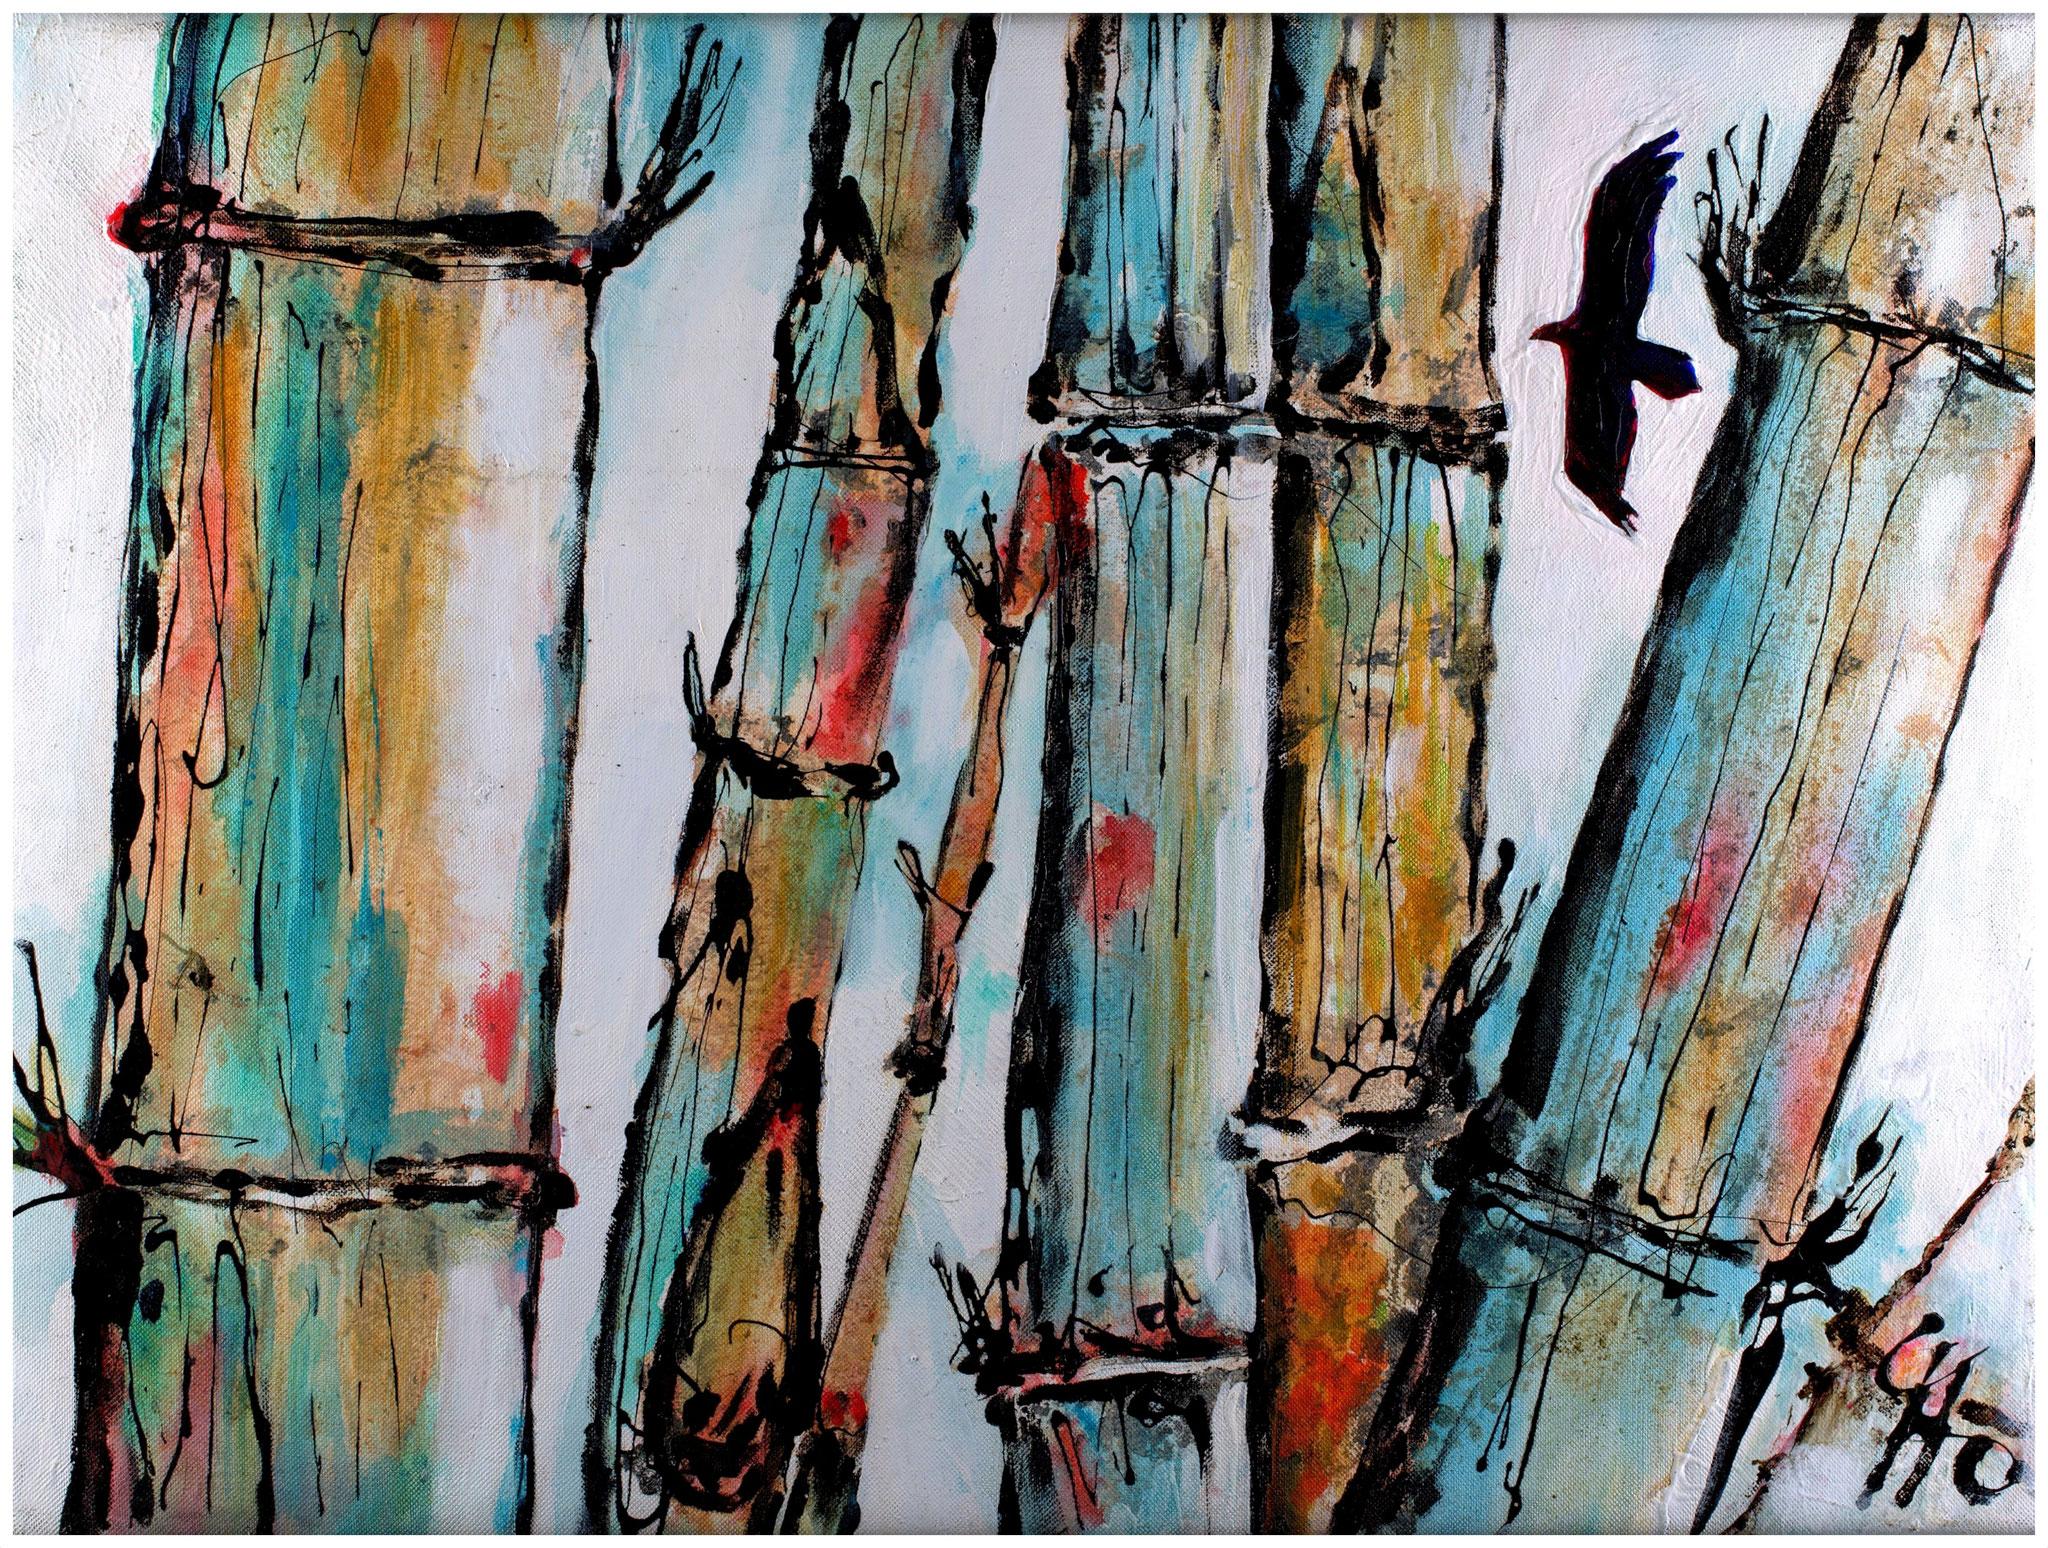 Sopilote (Geier) im Bambus, Teer und Acryl auf Cordura